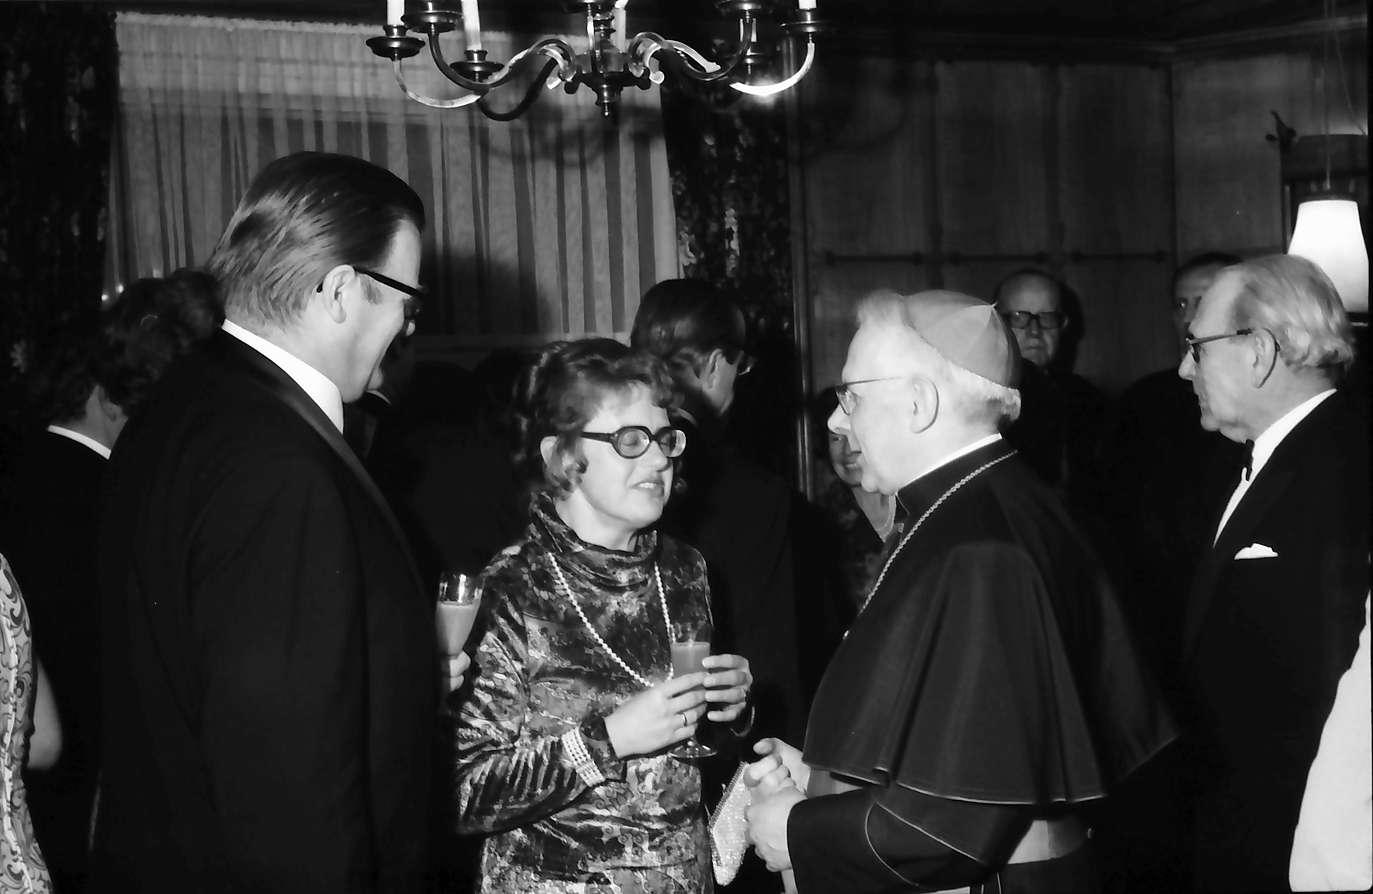 Horben: Hotel Engel; Empfang des Konsularischen Corps Freiburg; mit Erzbischof Dr. Schäufele, Bild 1